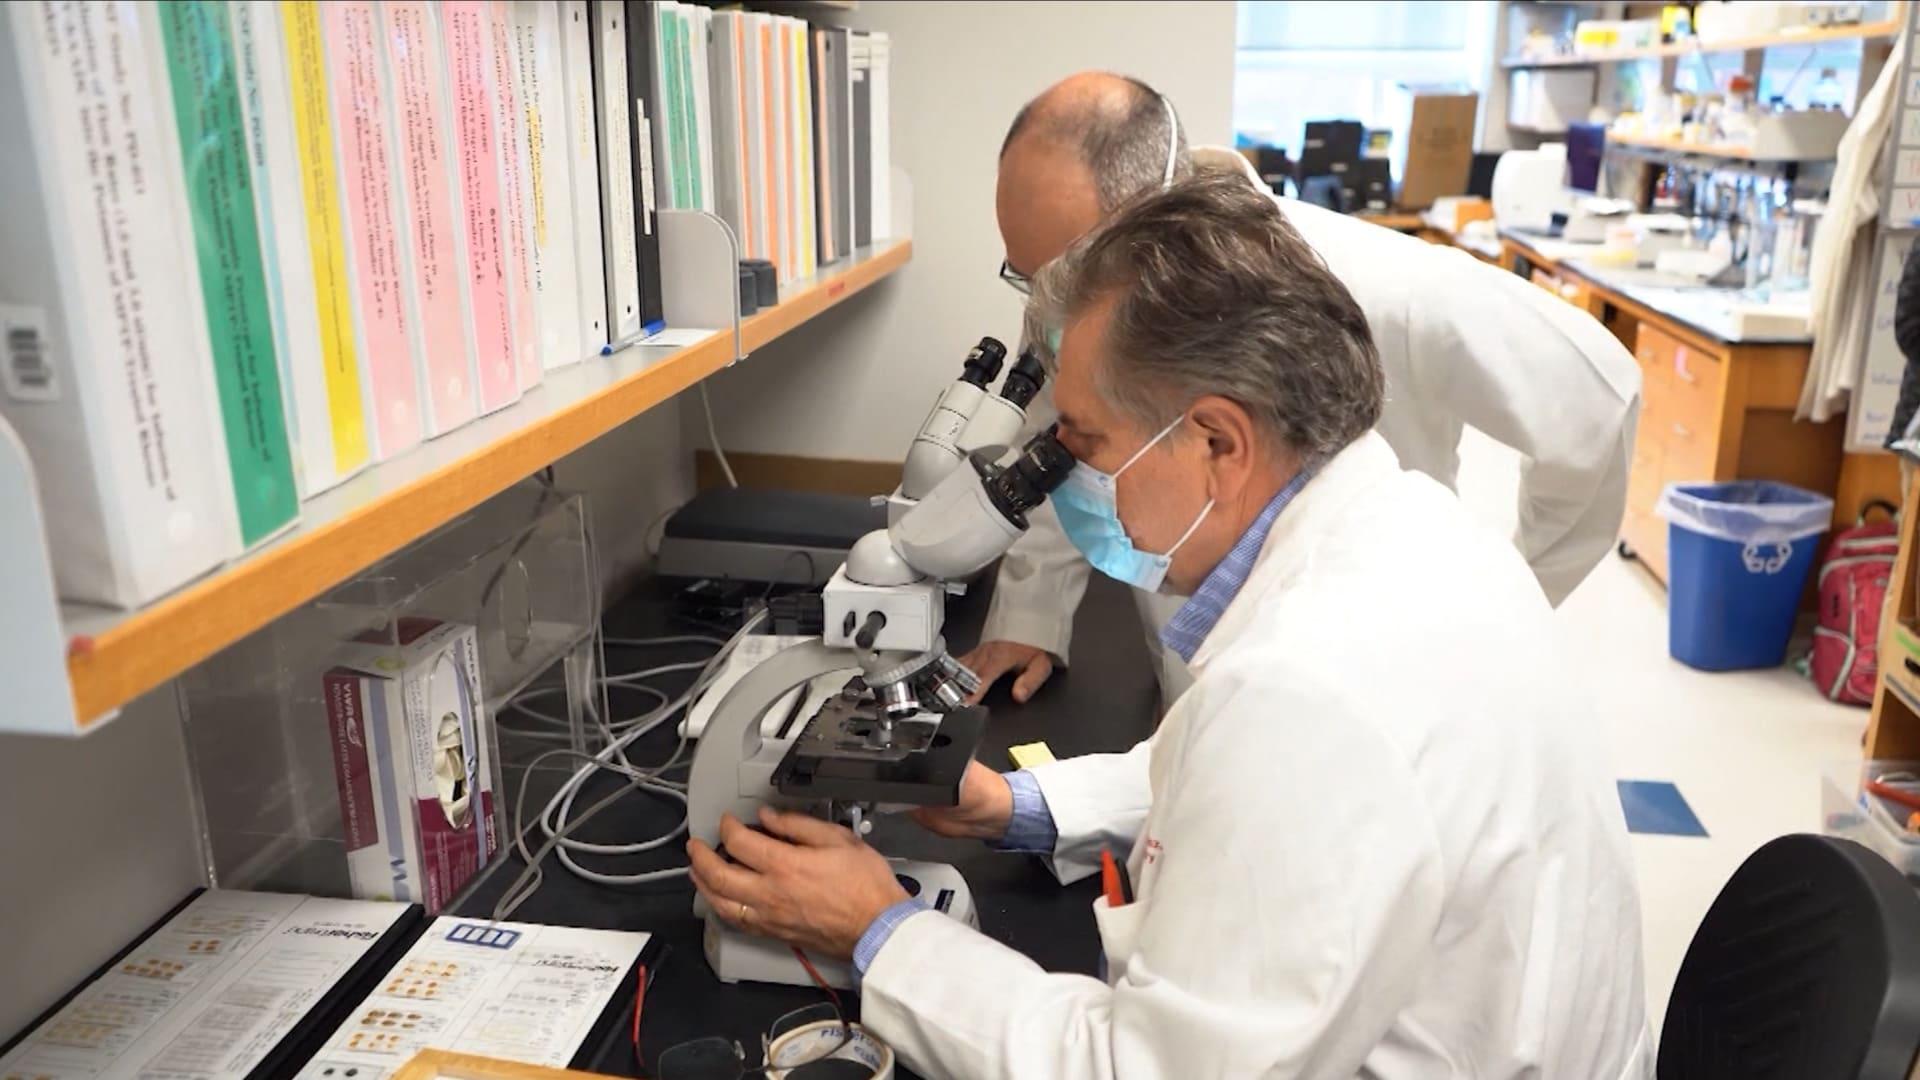 طريقة جديدة لإيصال الدواء إلى الدماغ.. كيف يمكن استخدام العلاج الجيني في التعامل مع مرضي باركنسون والزهايمر؟